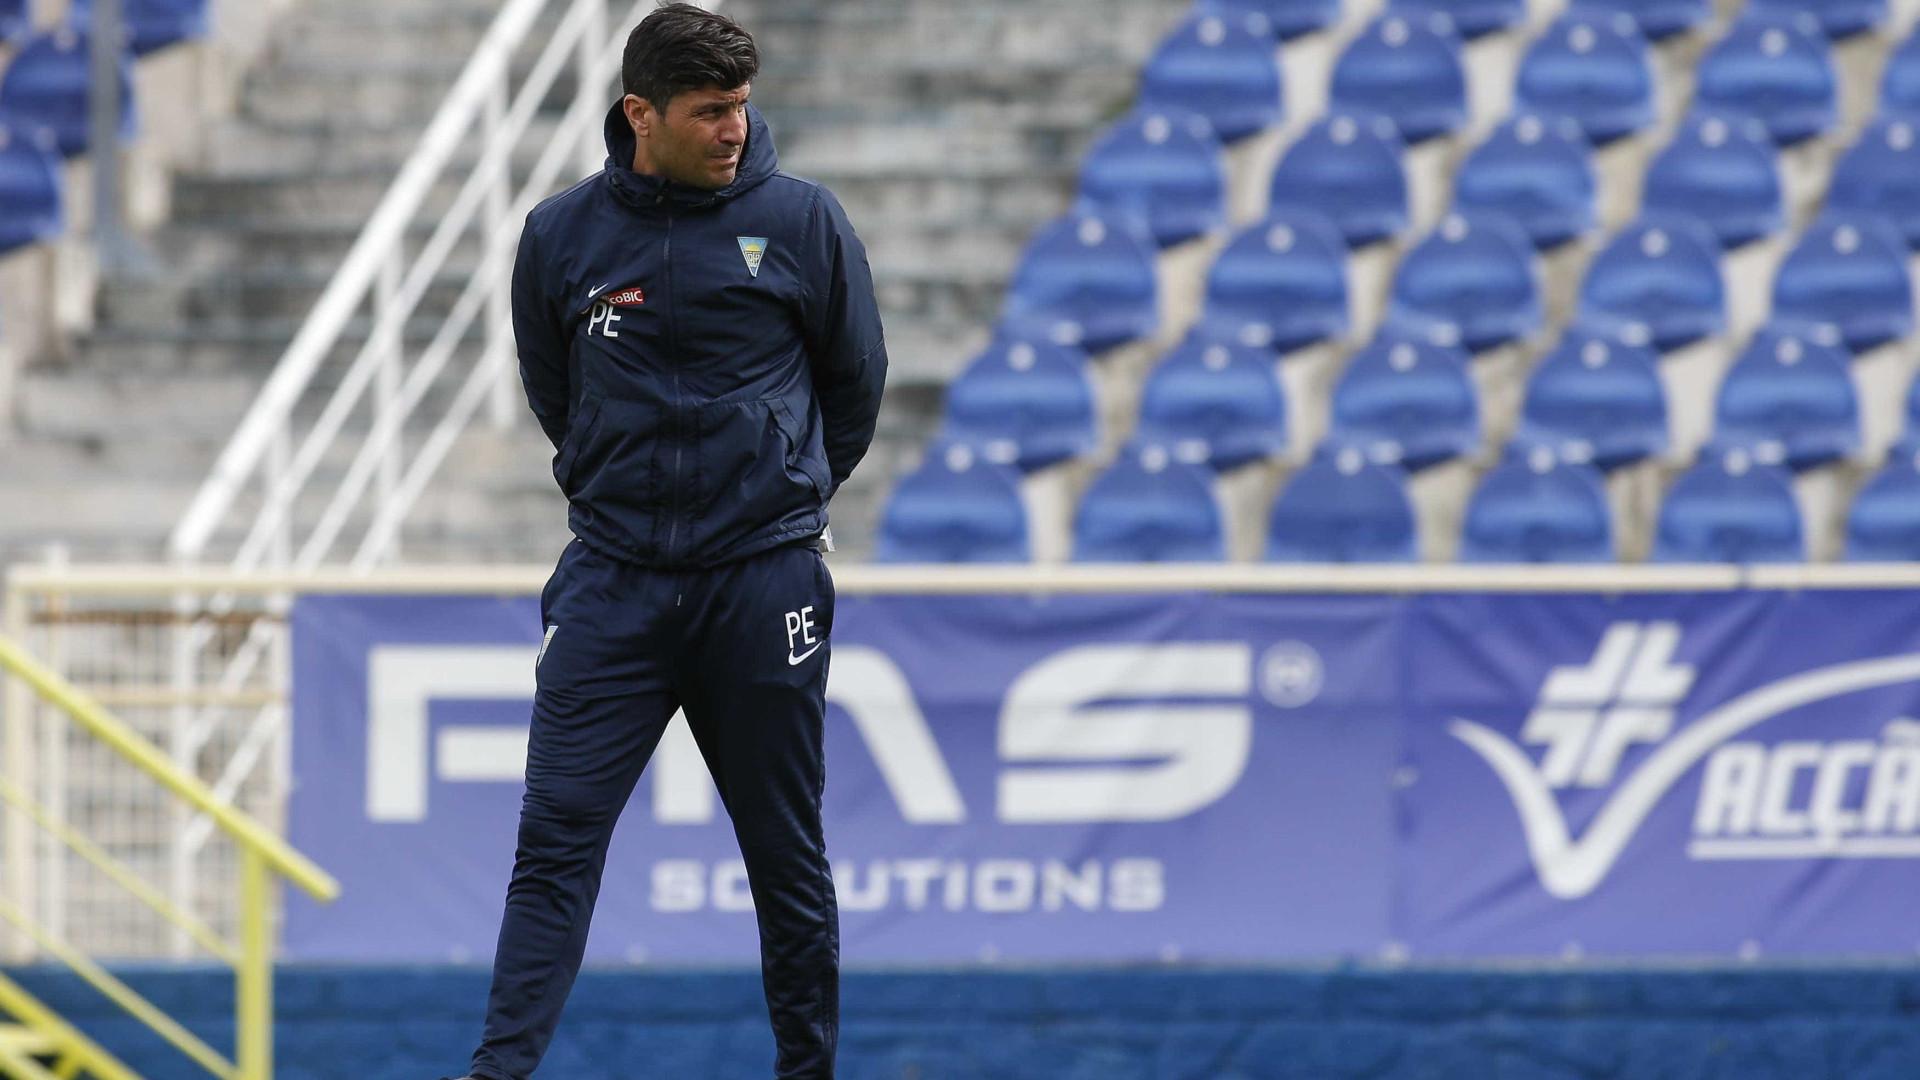 Oficial: Pedro Emanuel renova com o Estoril